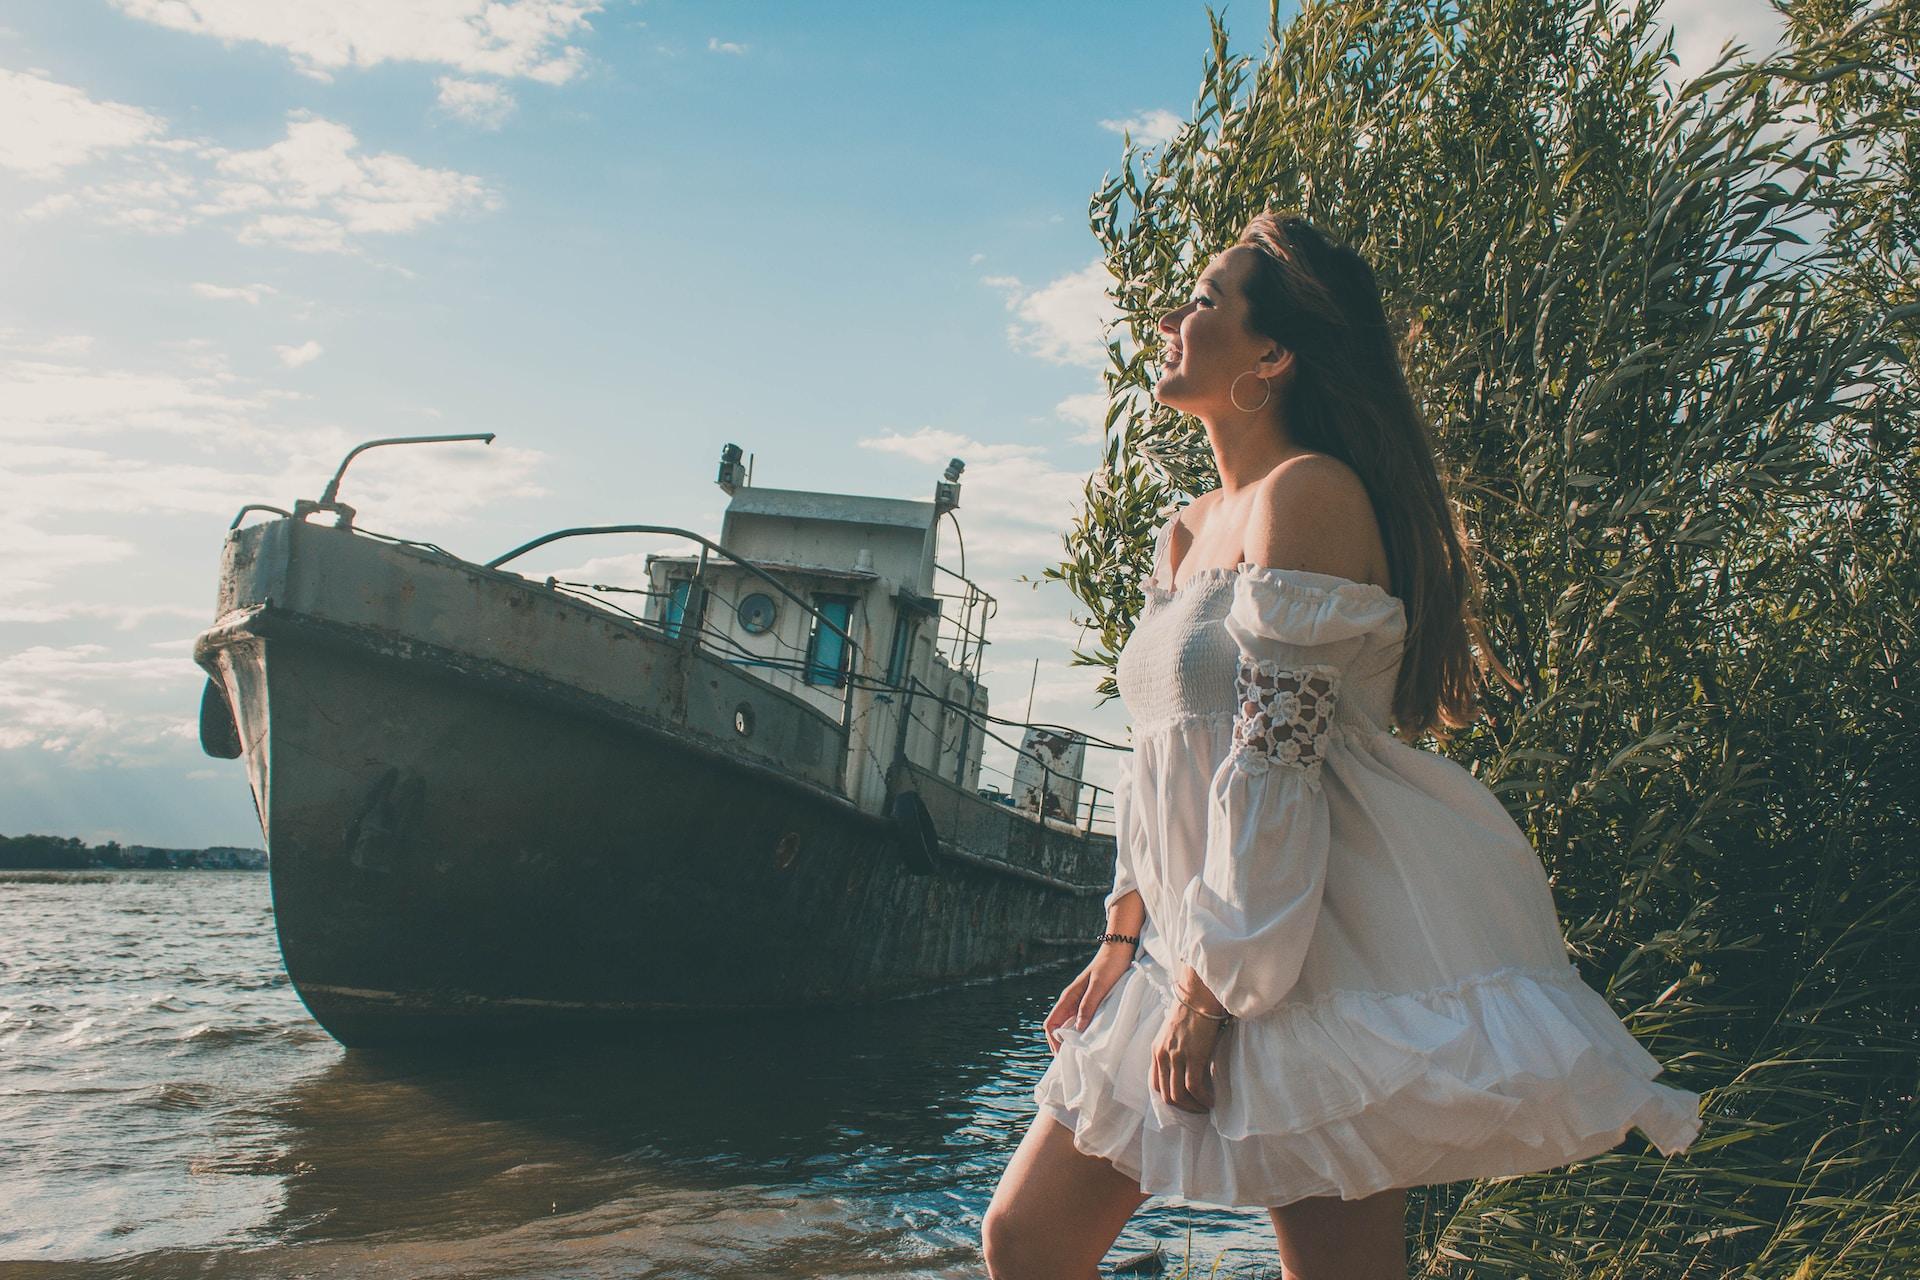 woman near ship